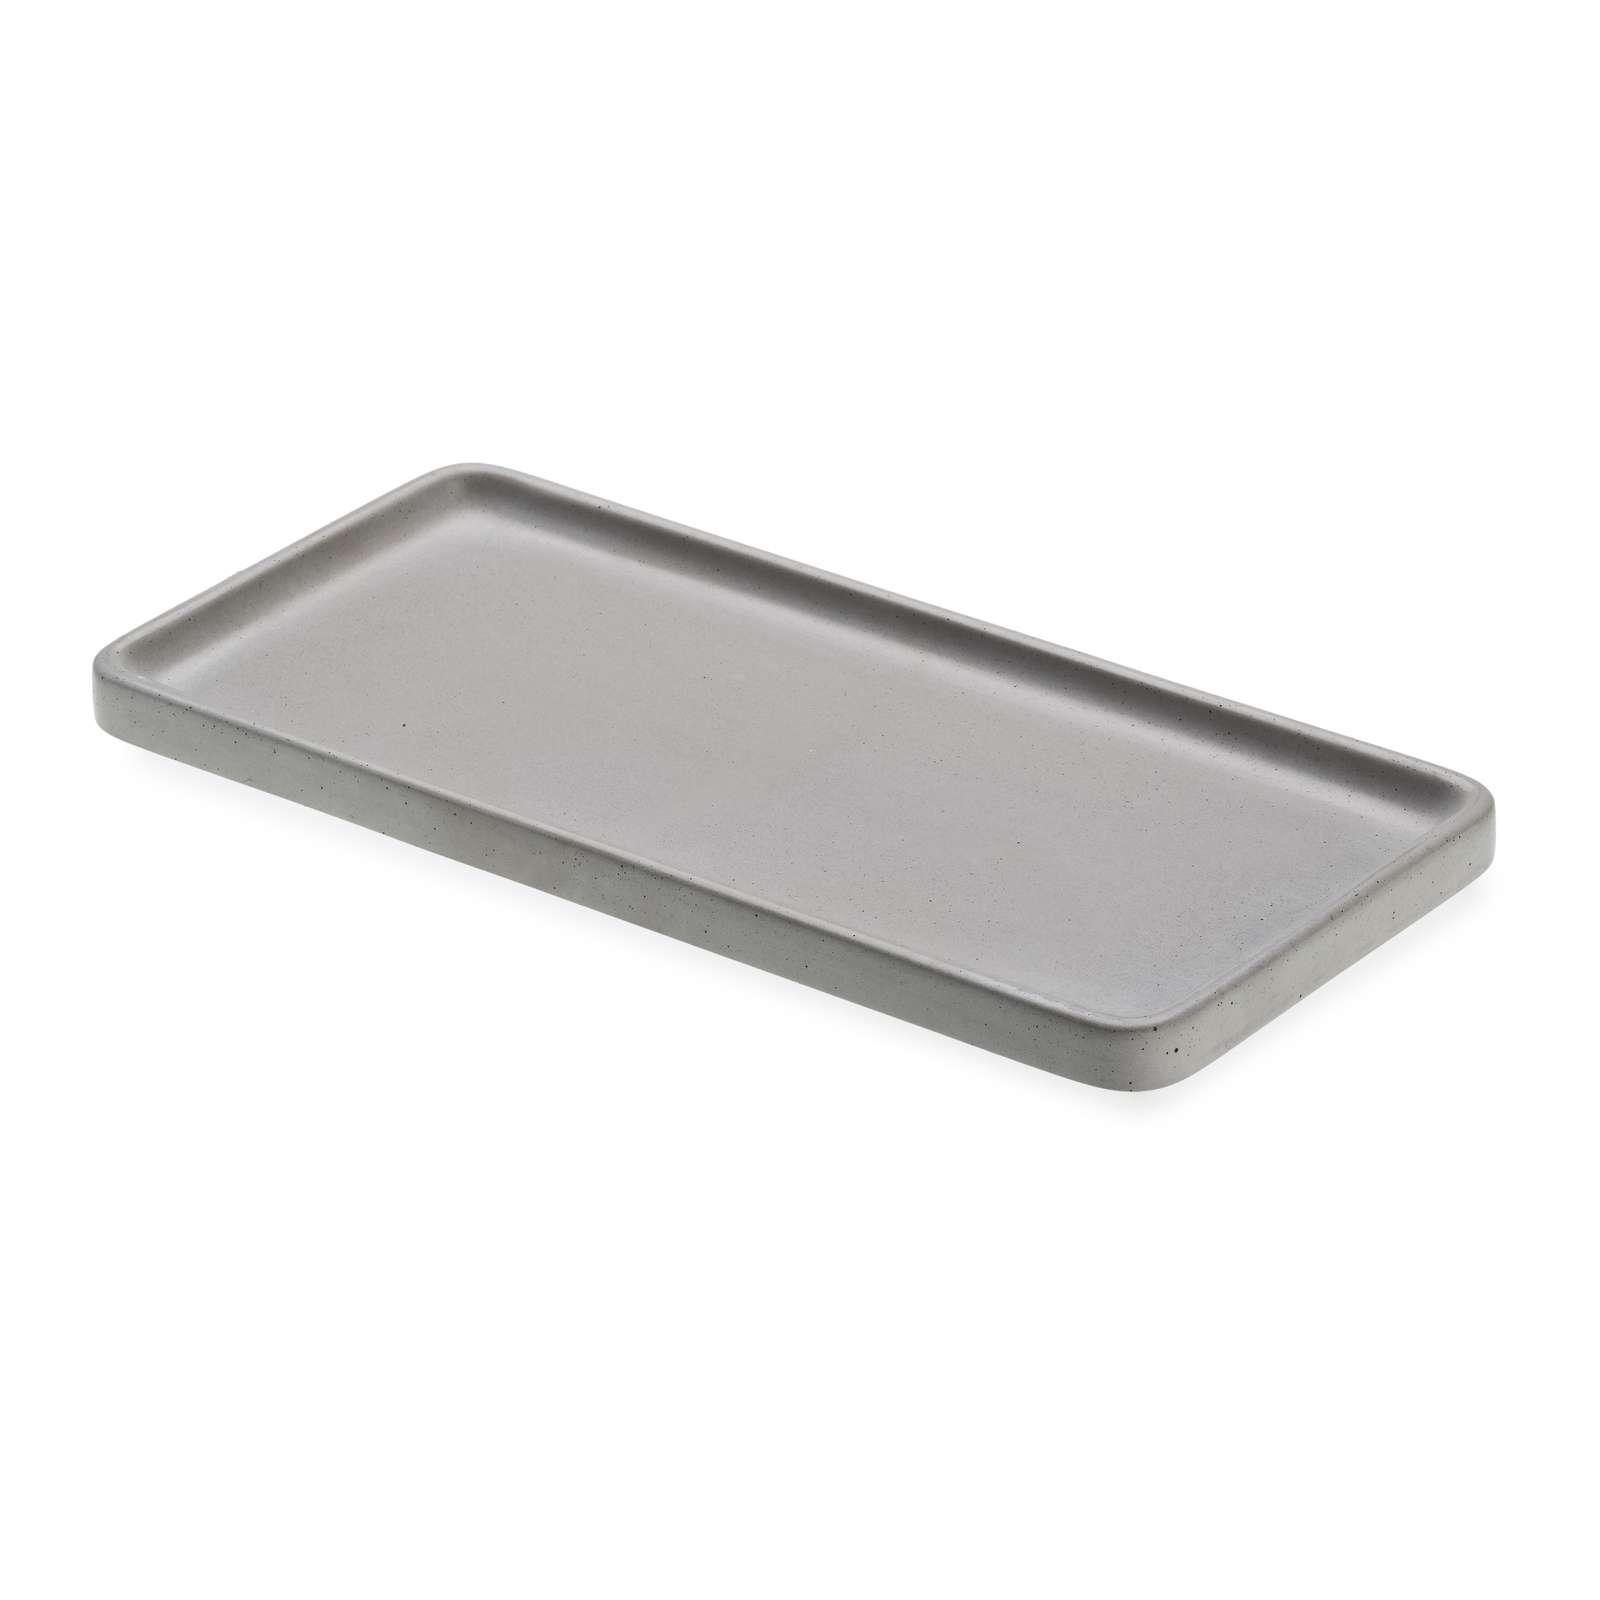 LIKEconcrete - Karin Tray Small 30 x 14 x 2 cm - Grey (93762)